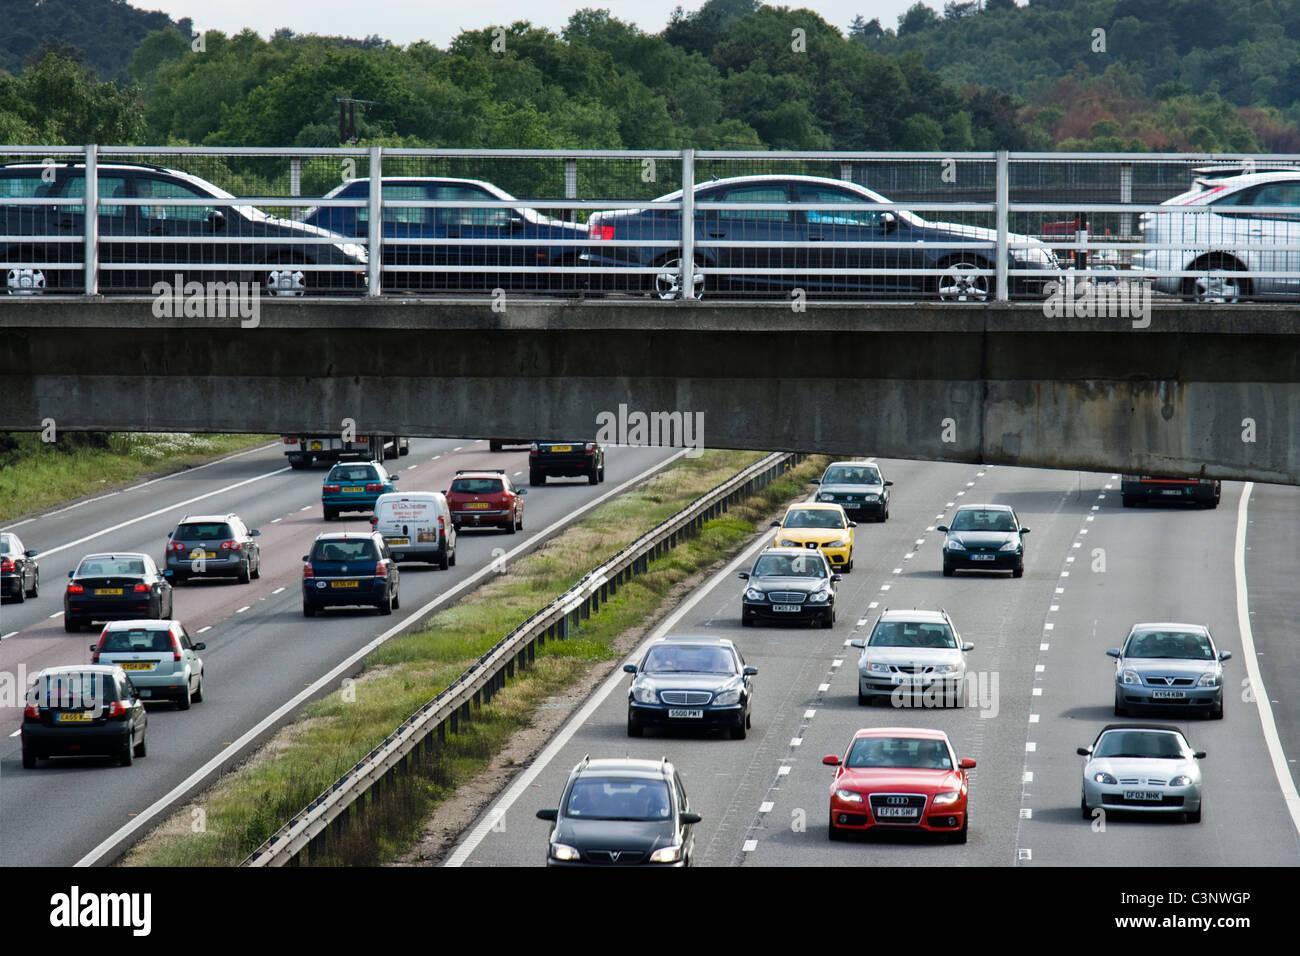 Starker Berufsverkehr auf der Autobahn. M3, Surrey. Stockbild